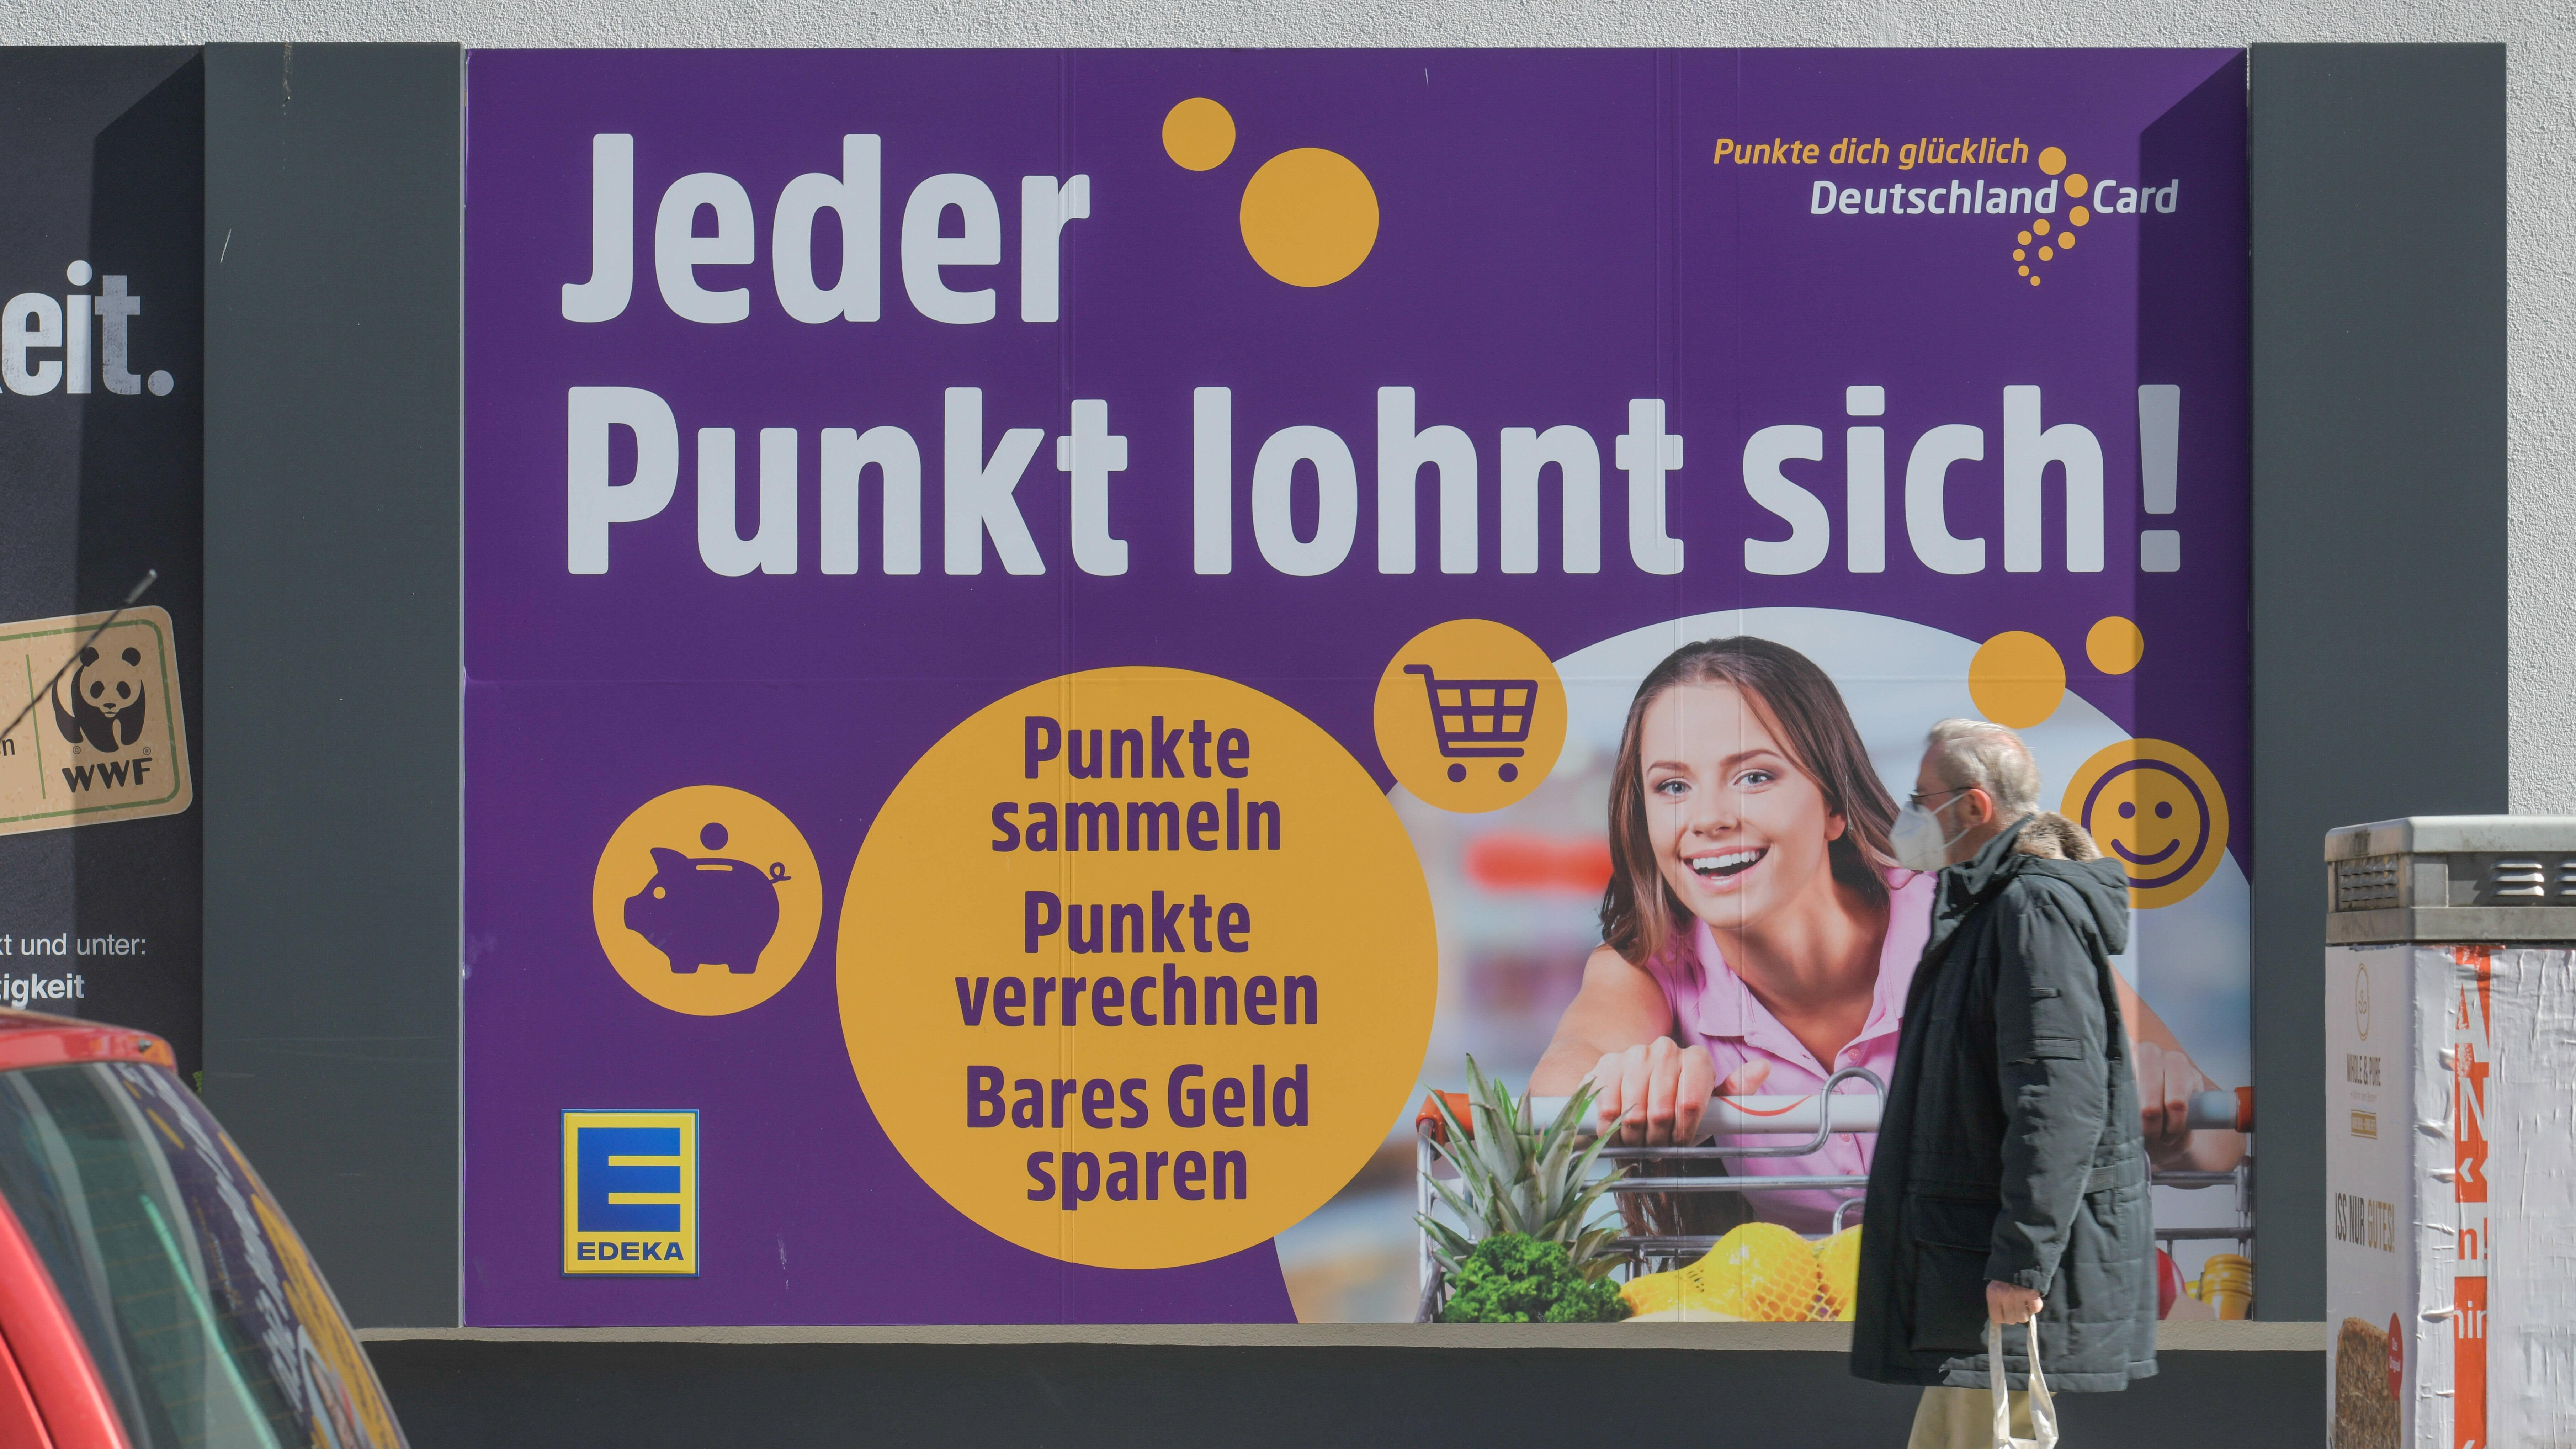 Deutschlandcard: Punkte auszahlen lassen - so geht's